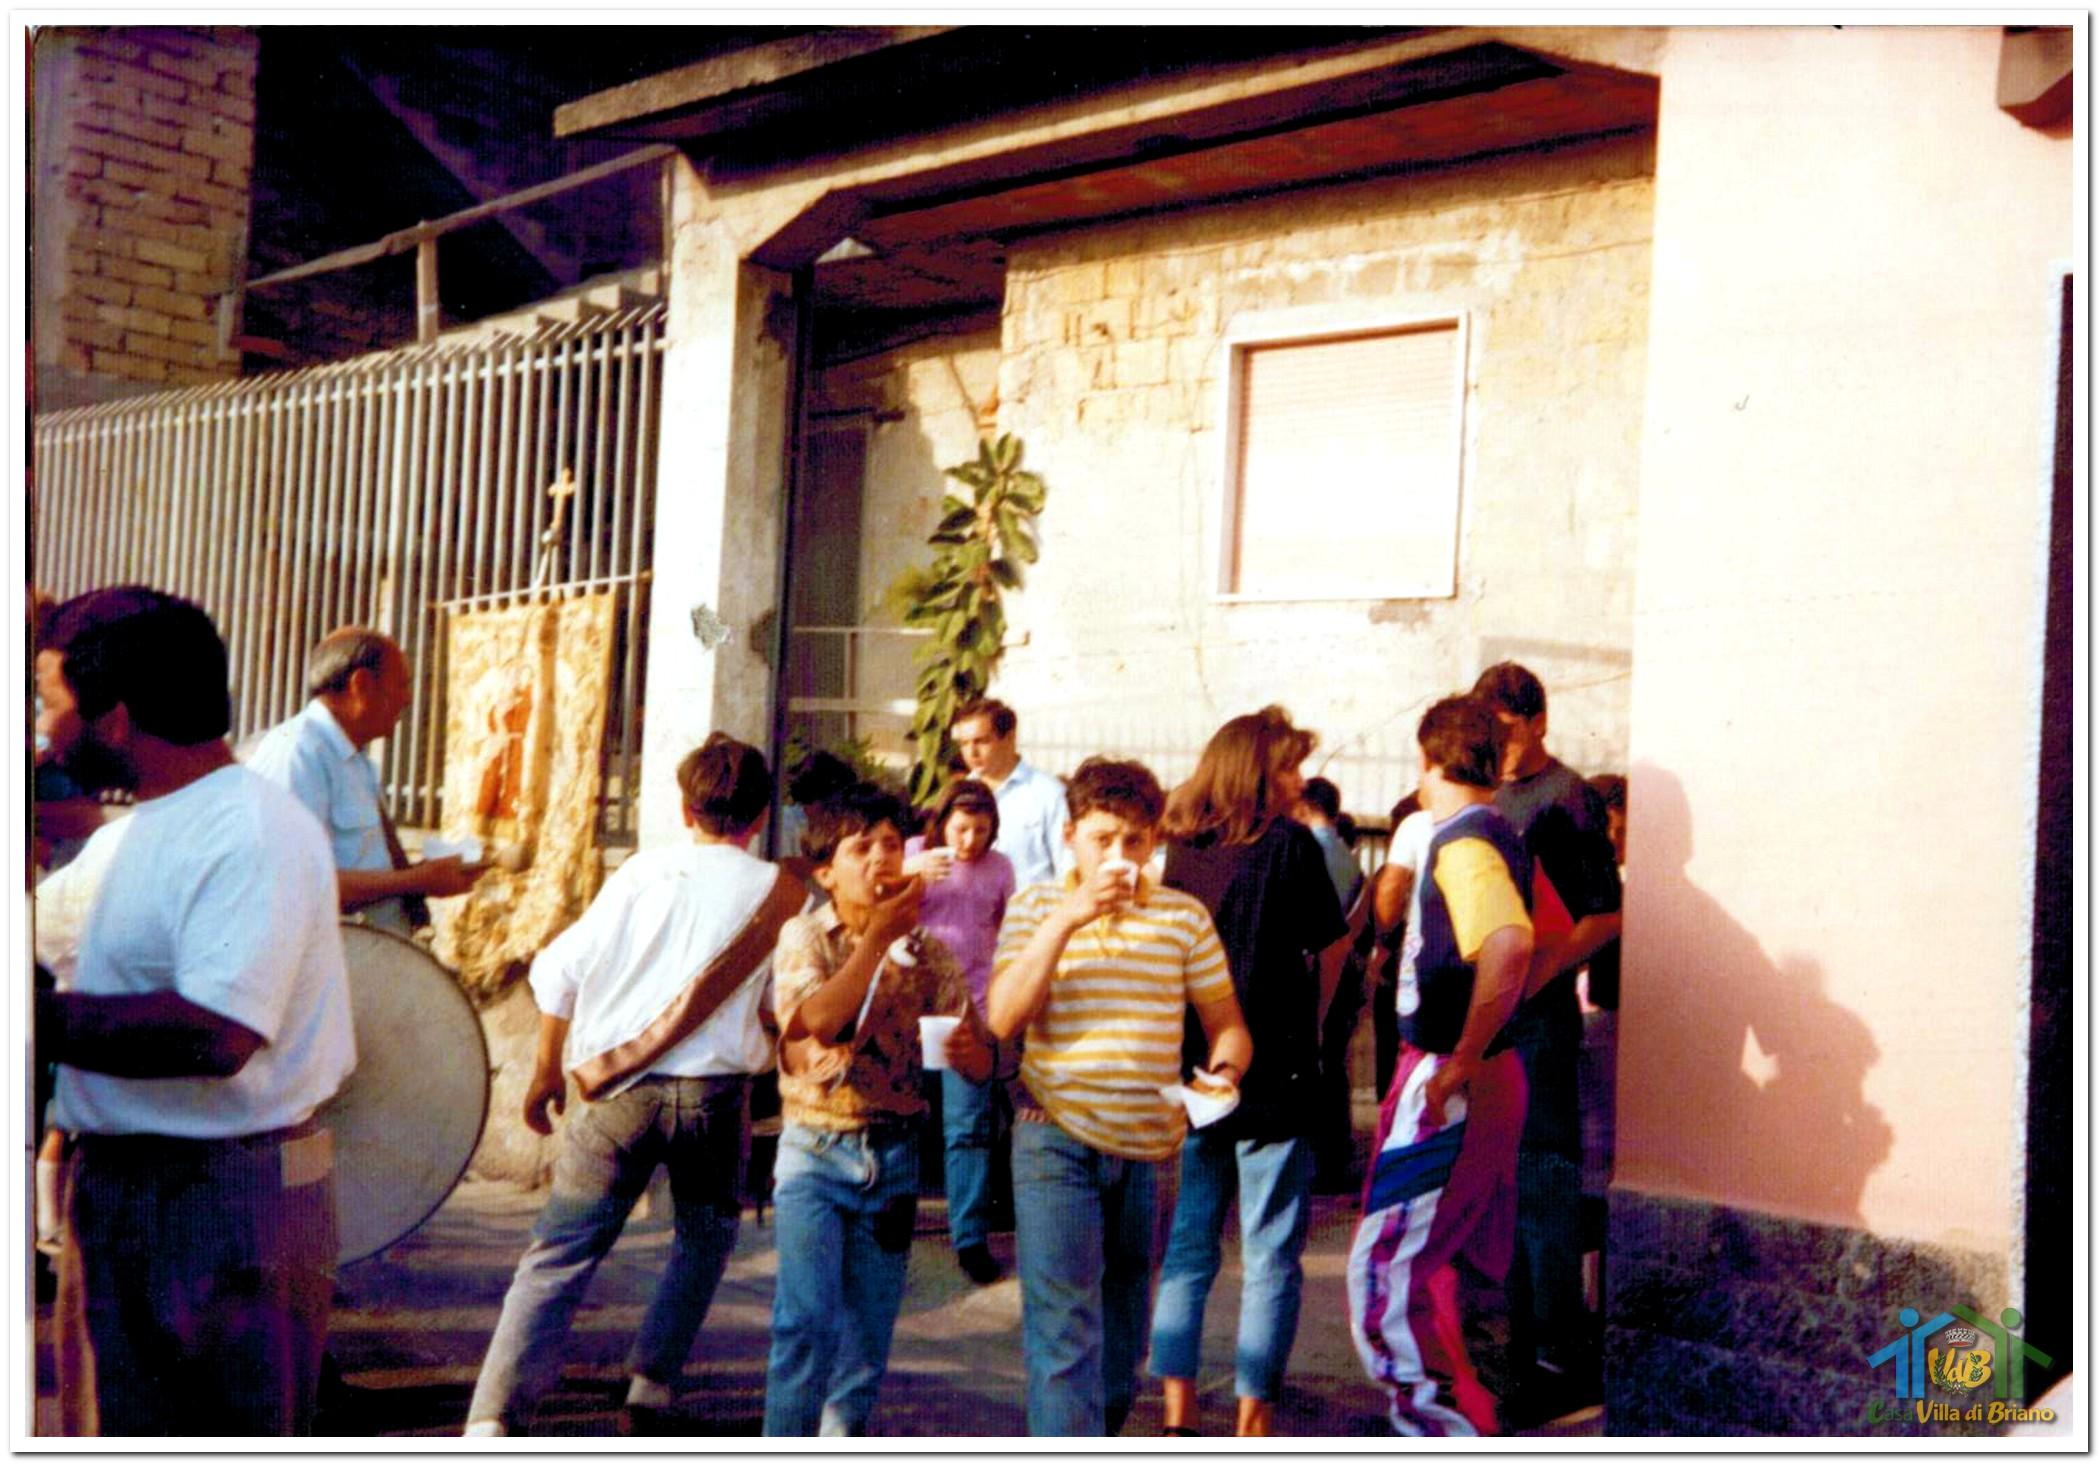 Sant'Antonio_Festa_Villa_di_briano_1989_92